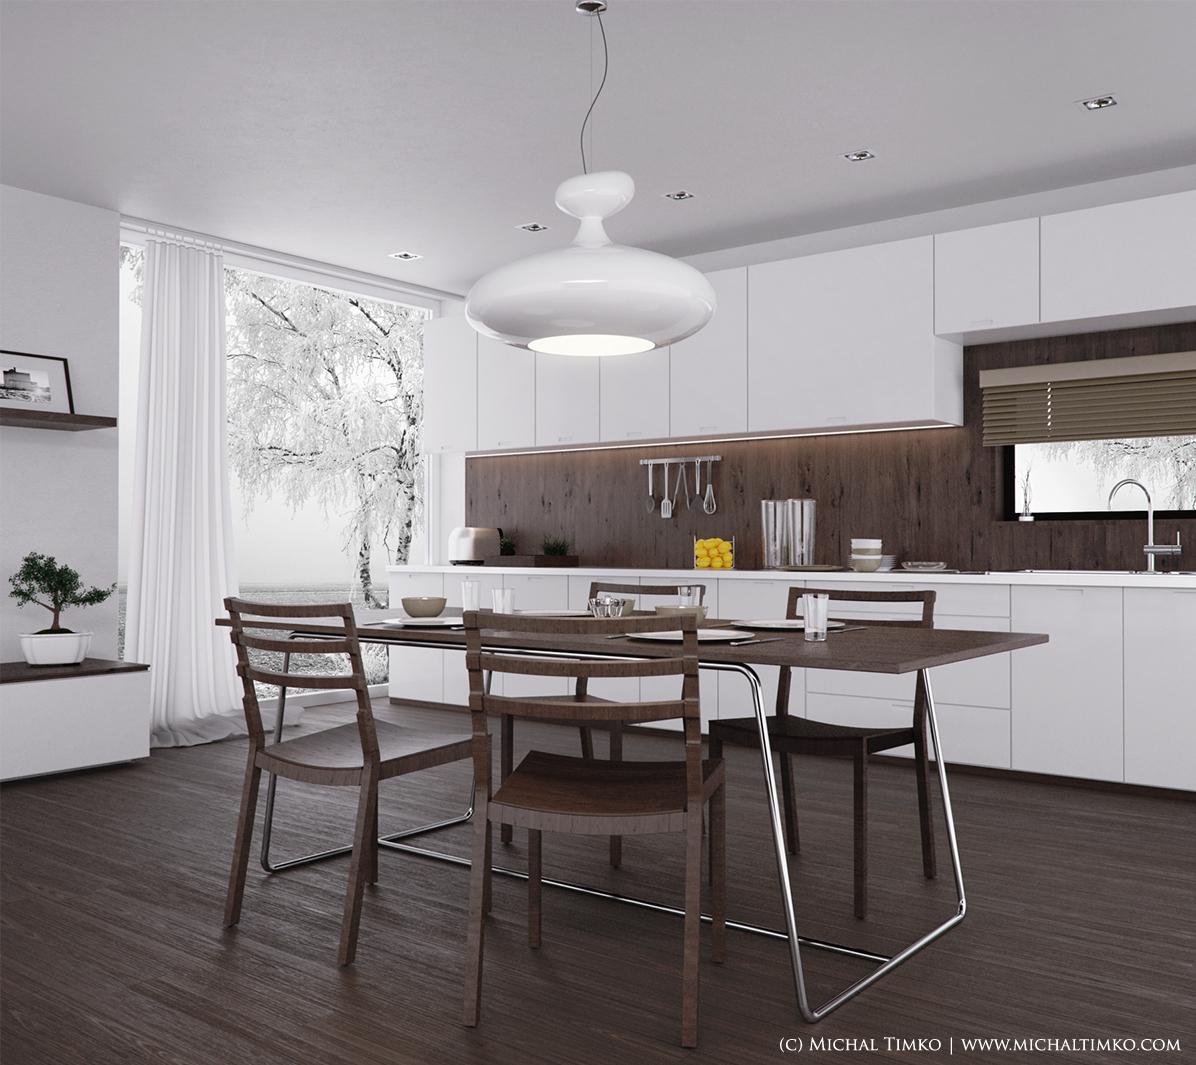 Modern Style Kitchen Designs on Modern Kitchen Design Ideas  id=24060